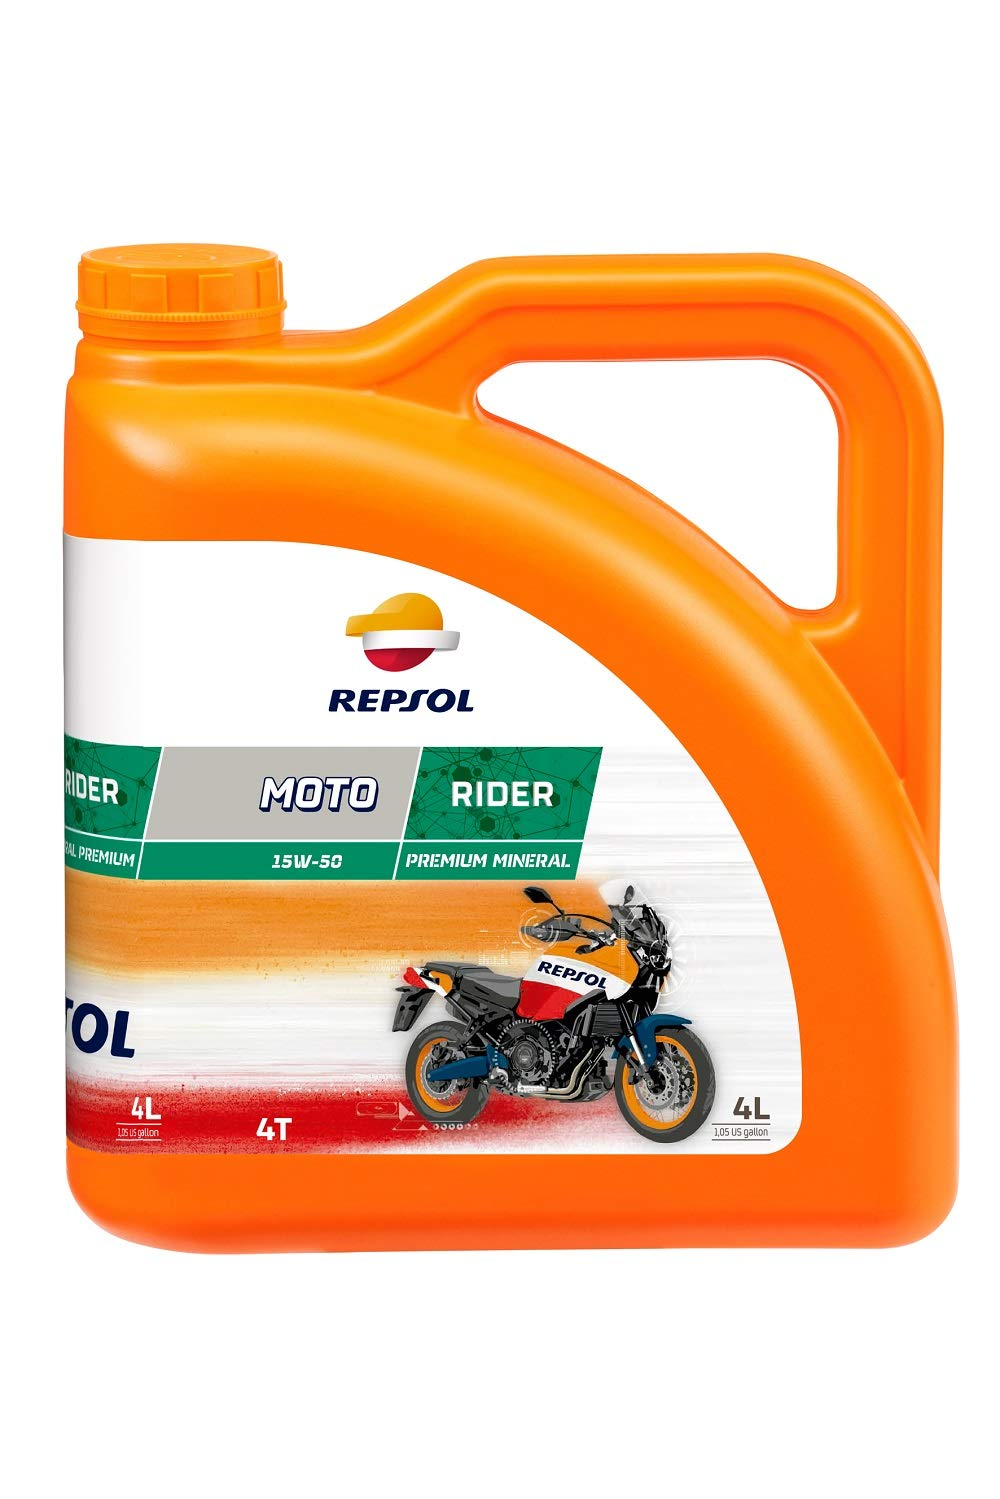 Repsol Moto Rider 4T 15W50 Motorcycle Engine Oil 4 L Repsol S.A. RP165M54 tr-539208